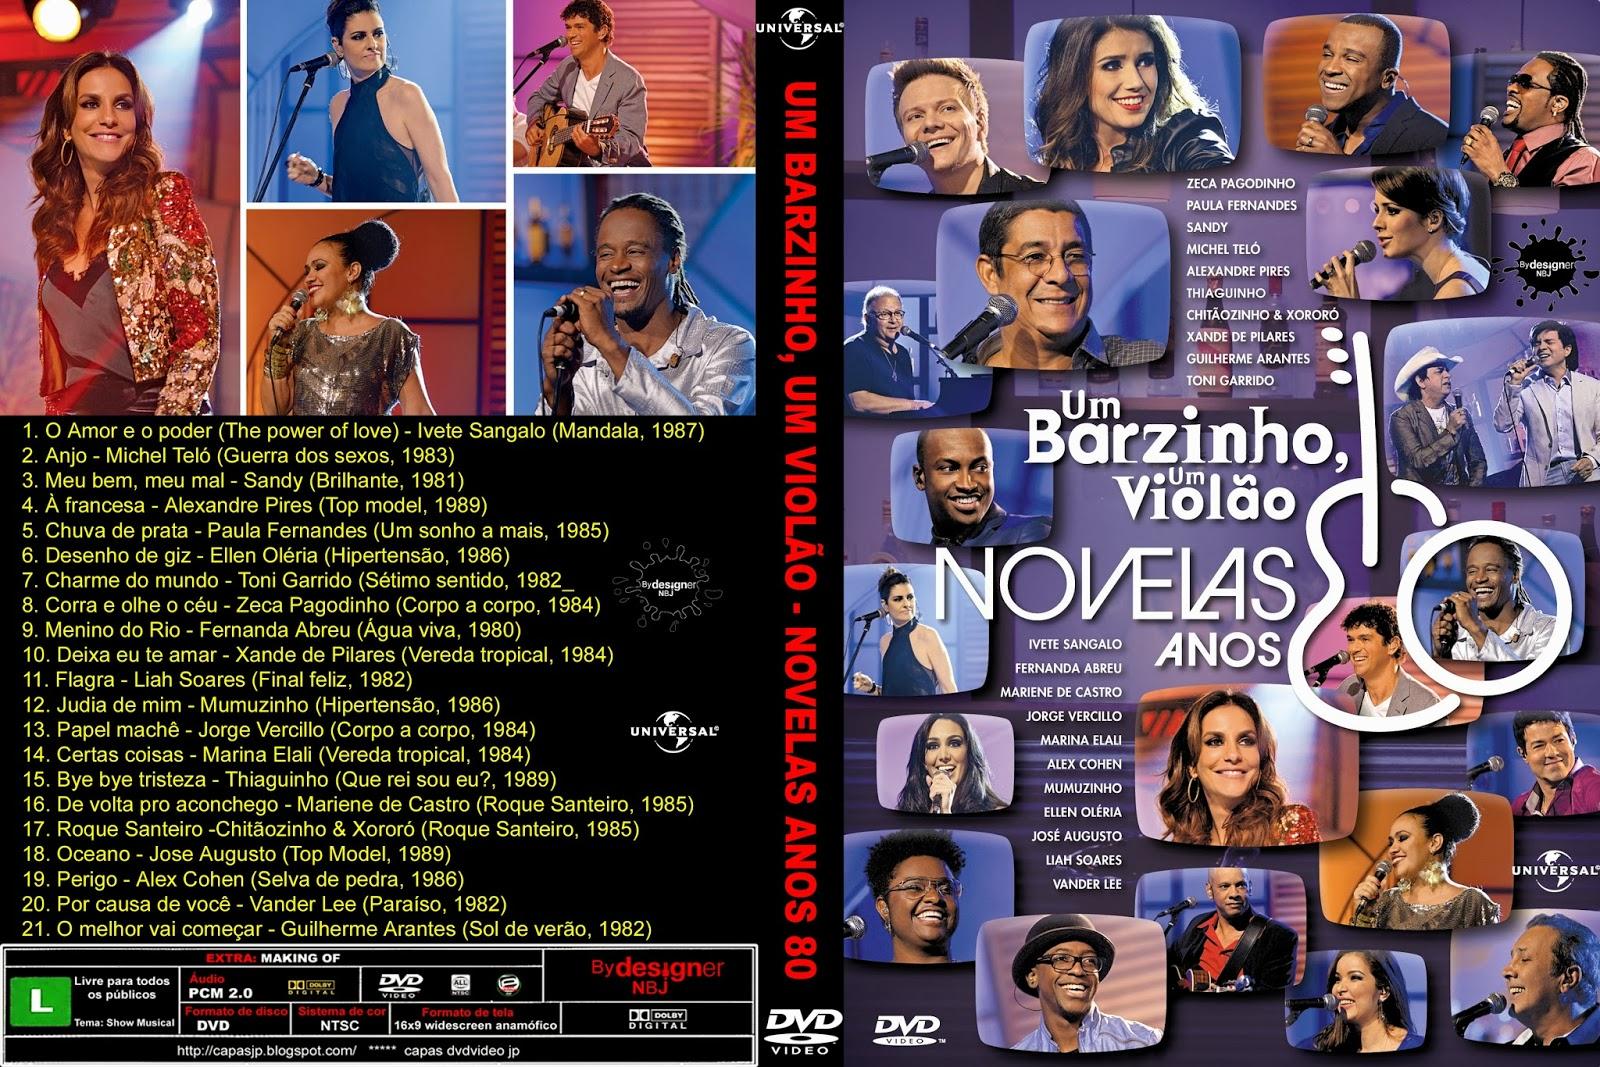 Um Barzinho, Um Violão Novelas Anos 80 DVDRip XviD 2013 UM BARZINHO UM VIOL C3 83O NOVELA ANOS 80